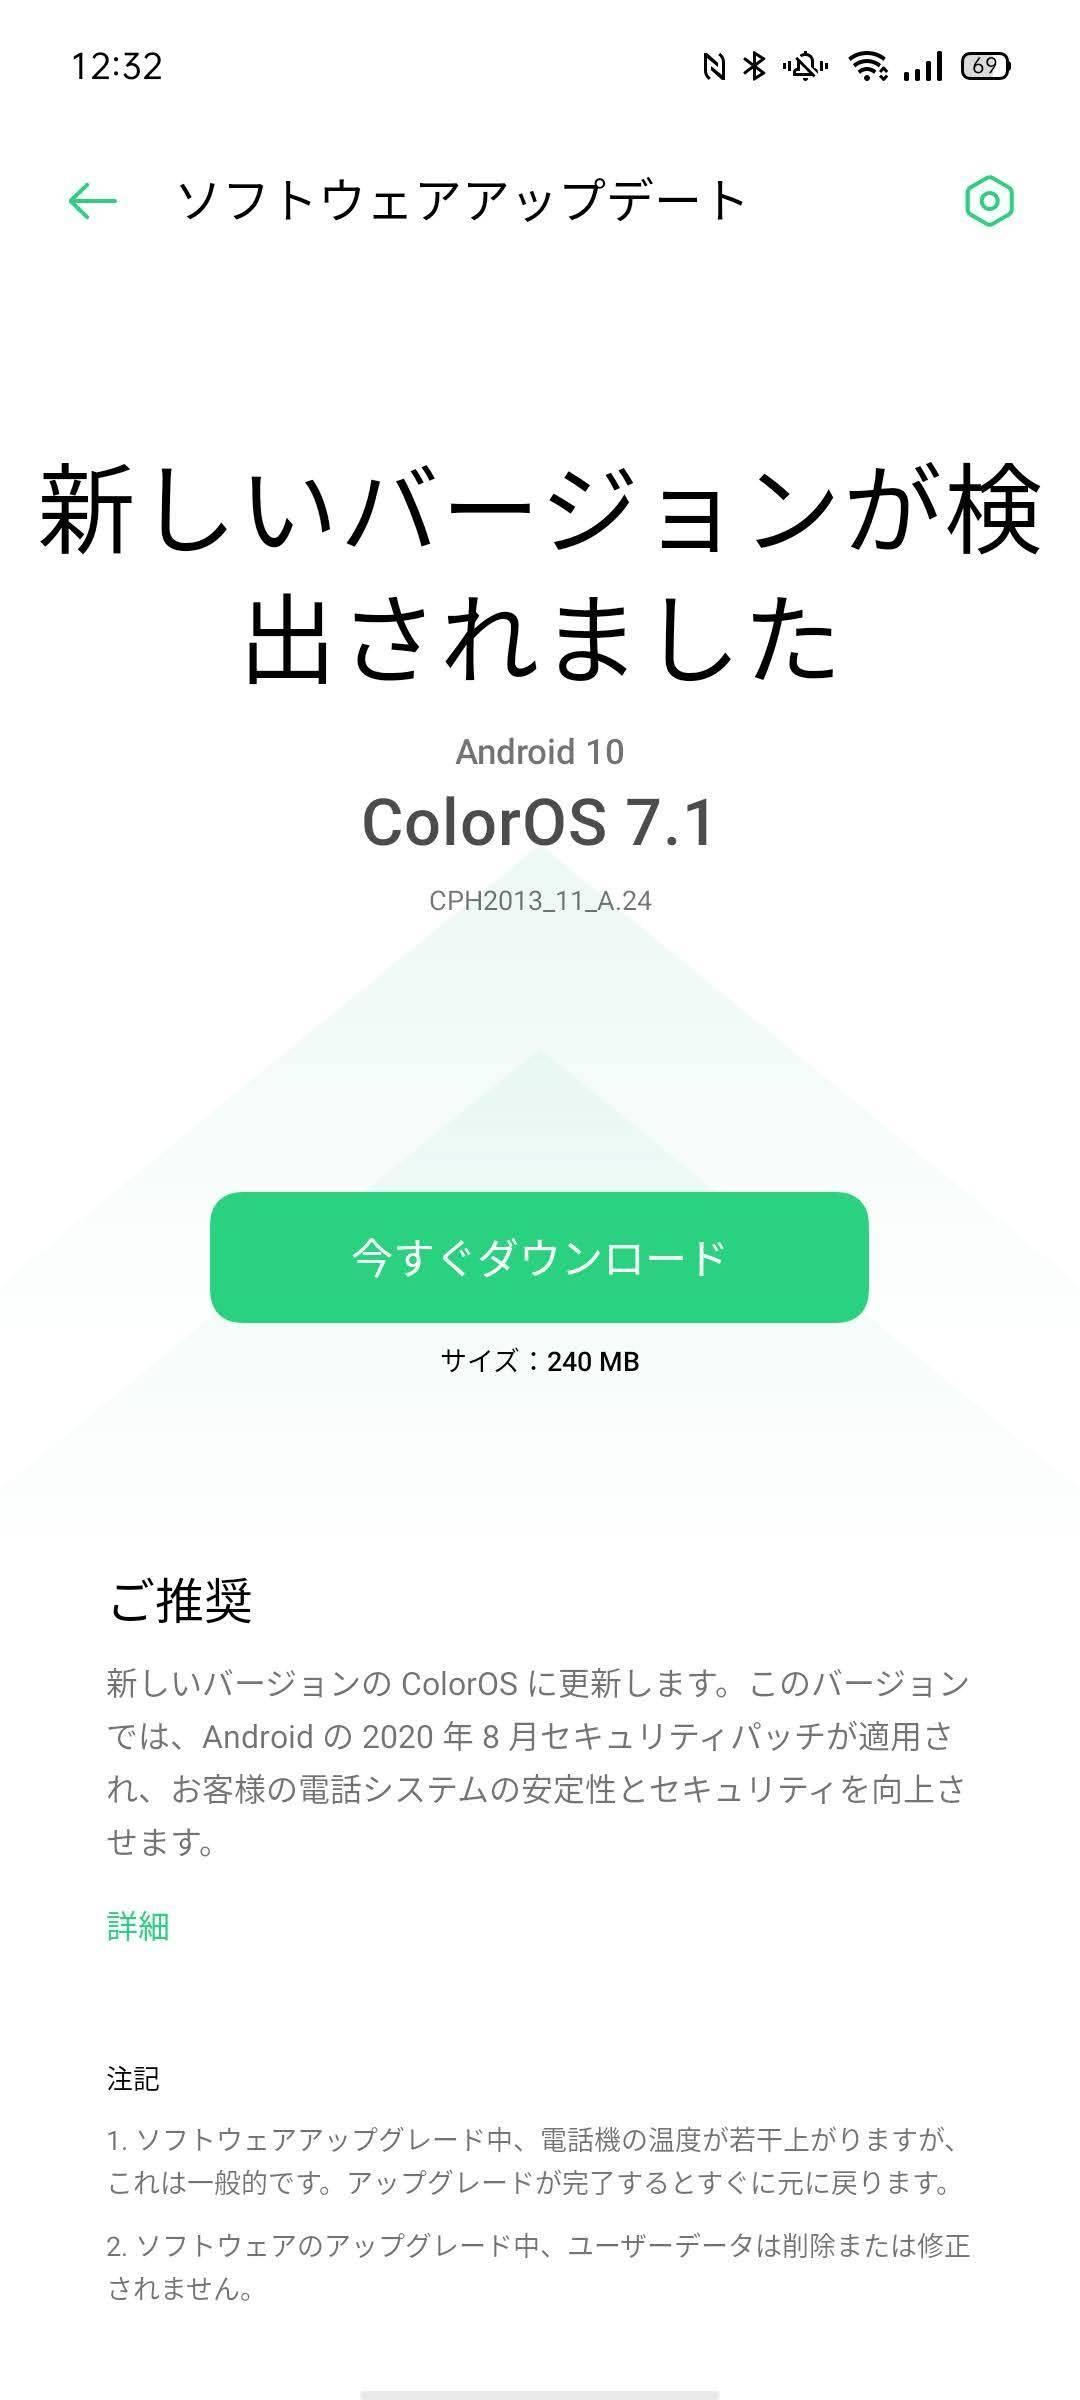 f:id:Azusa_Hirano:20200820124631j:plain